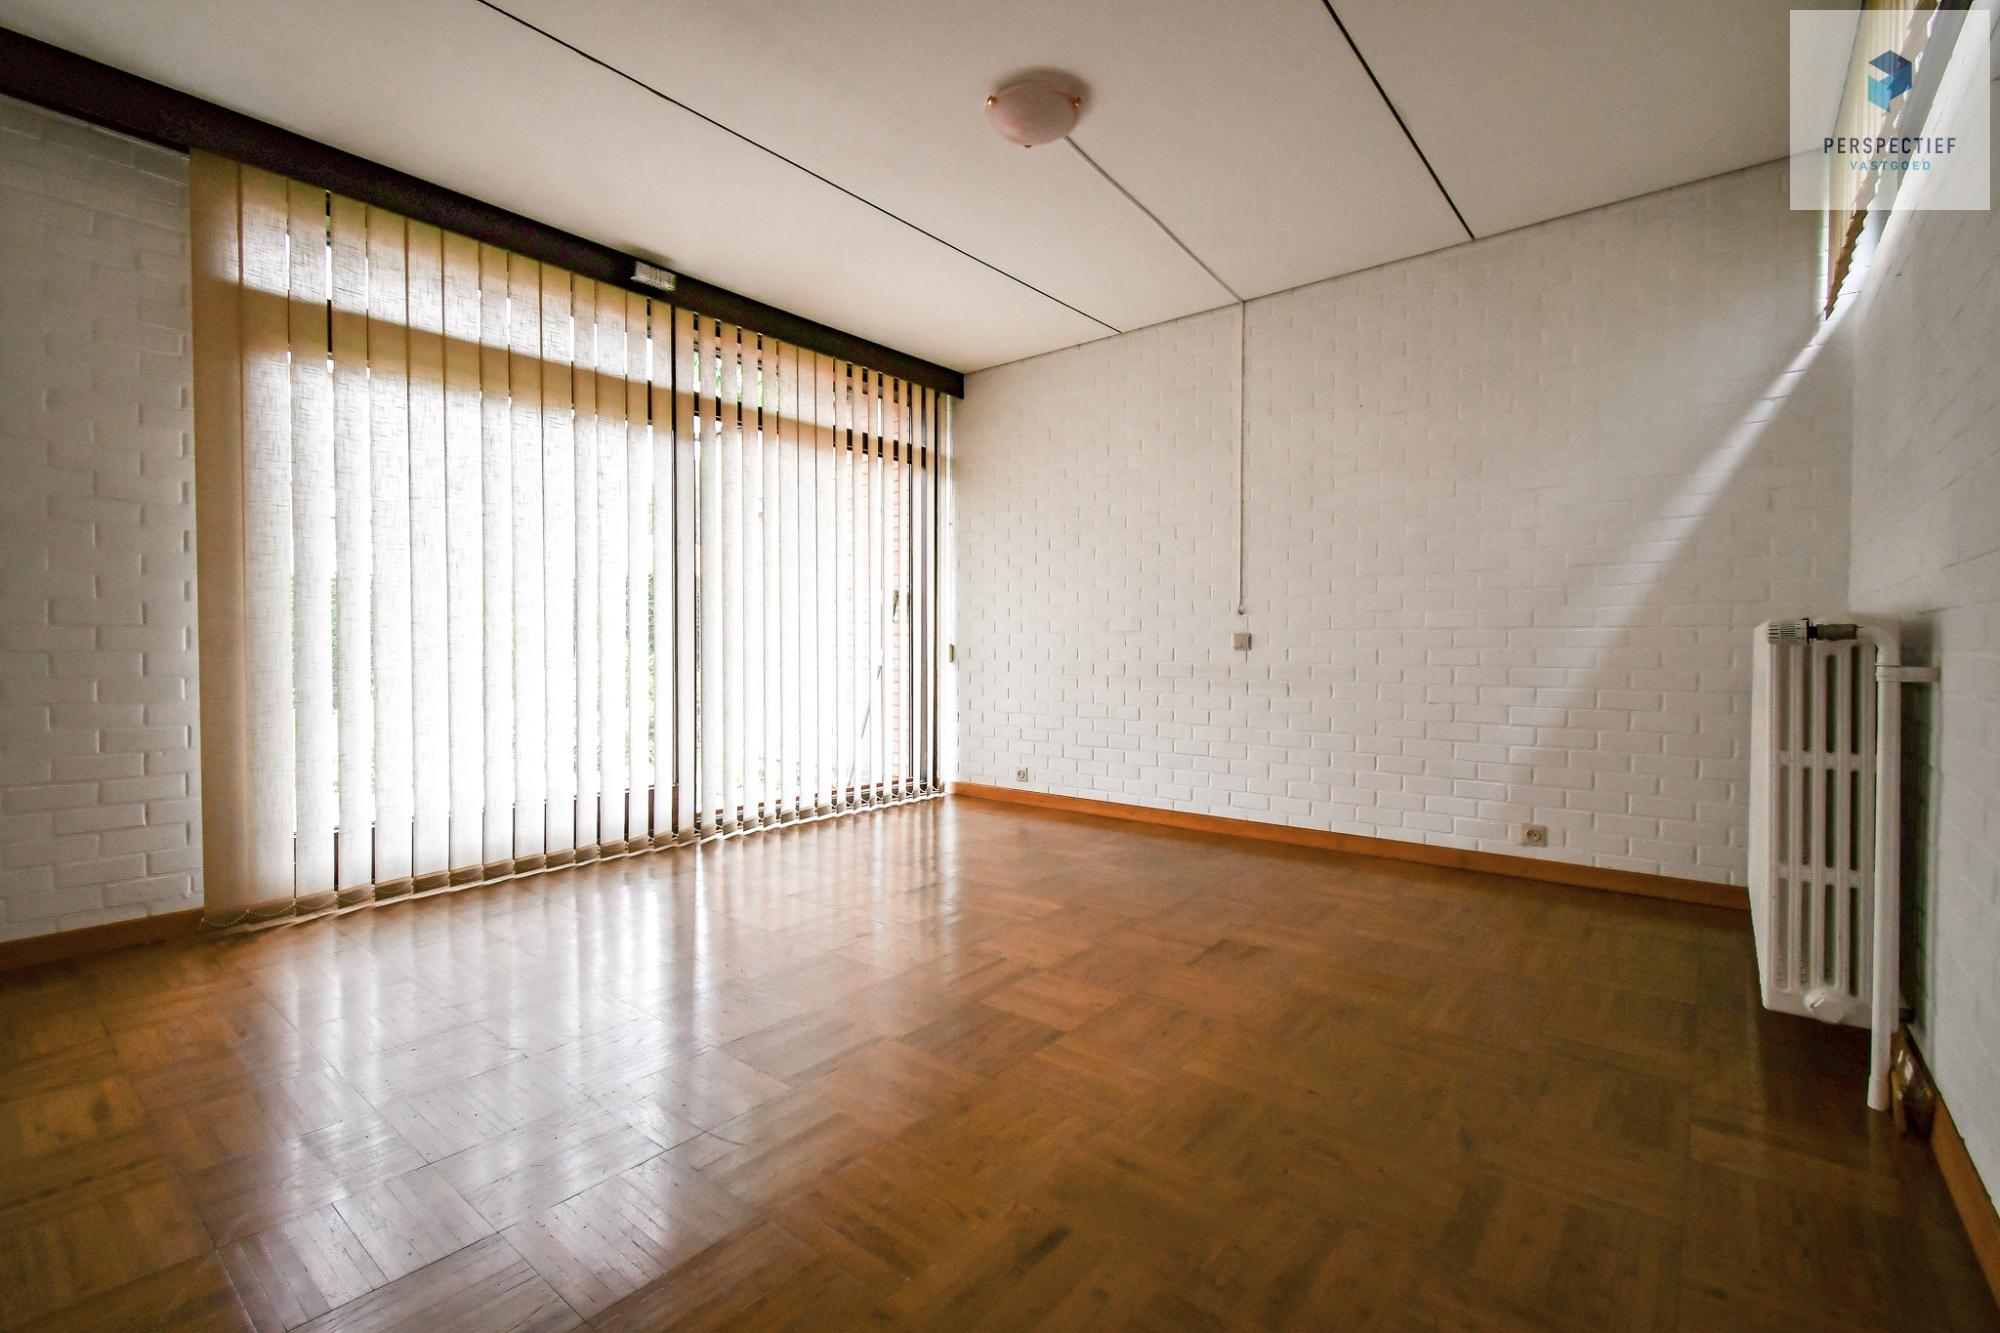 | IN OPTIE | Vrijstaandearchitecturale woningop eentoplocatie, ideaal voor een zelfstandigepraktijk! - 16